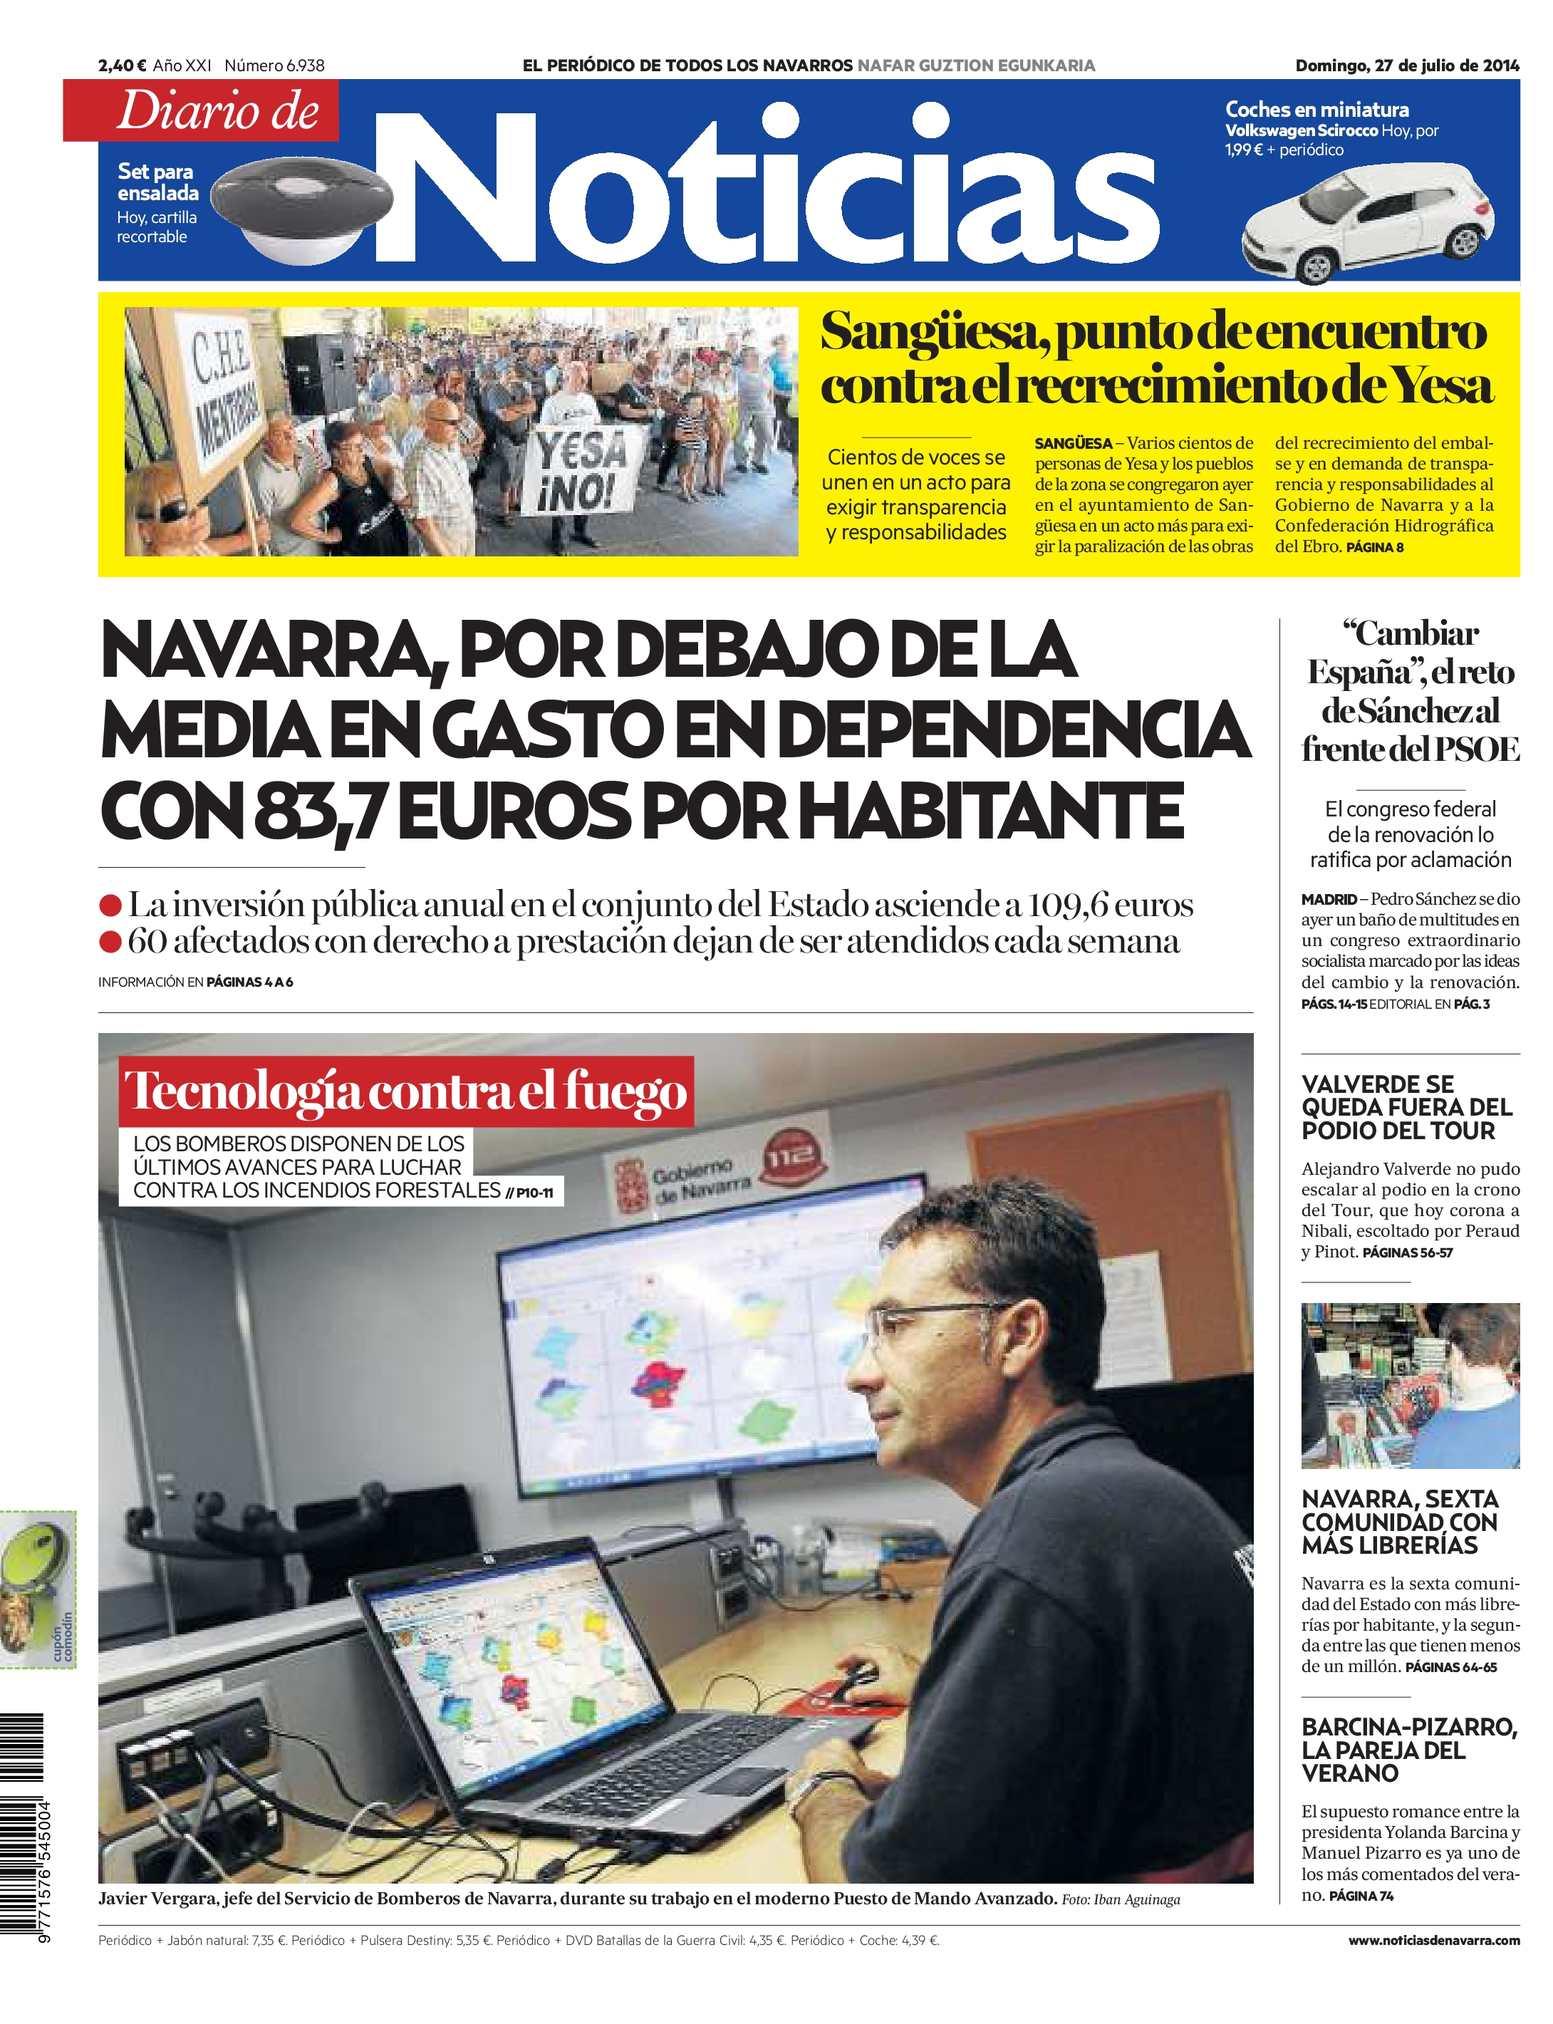 cd9bab764 Calaméo - Diario de Noticias 20140727